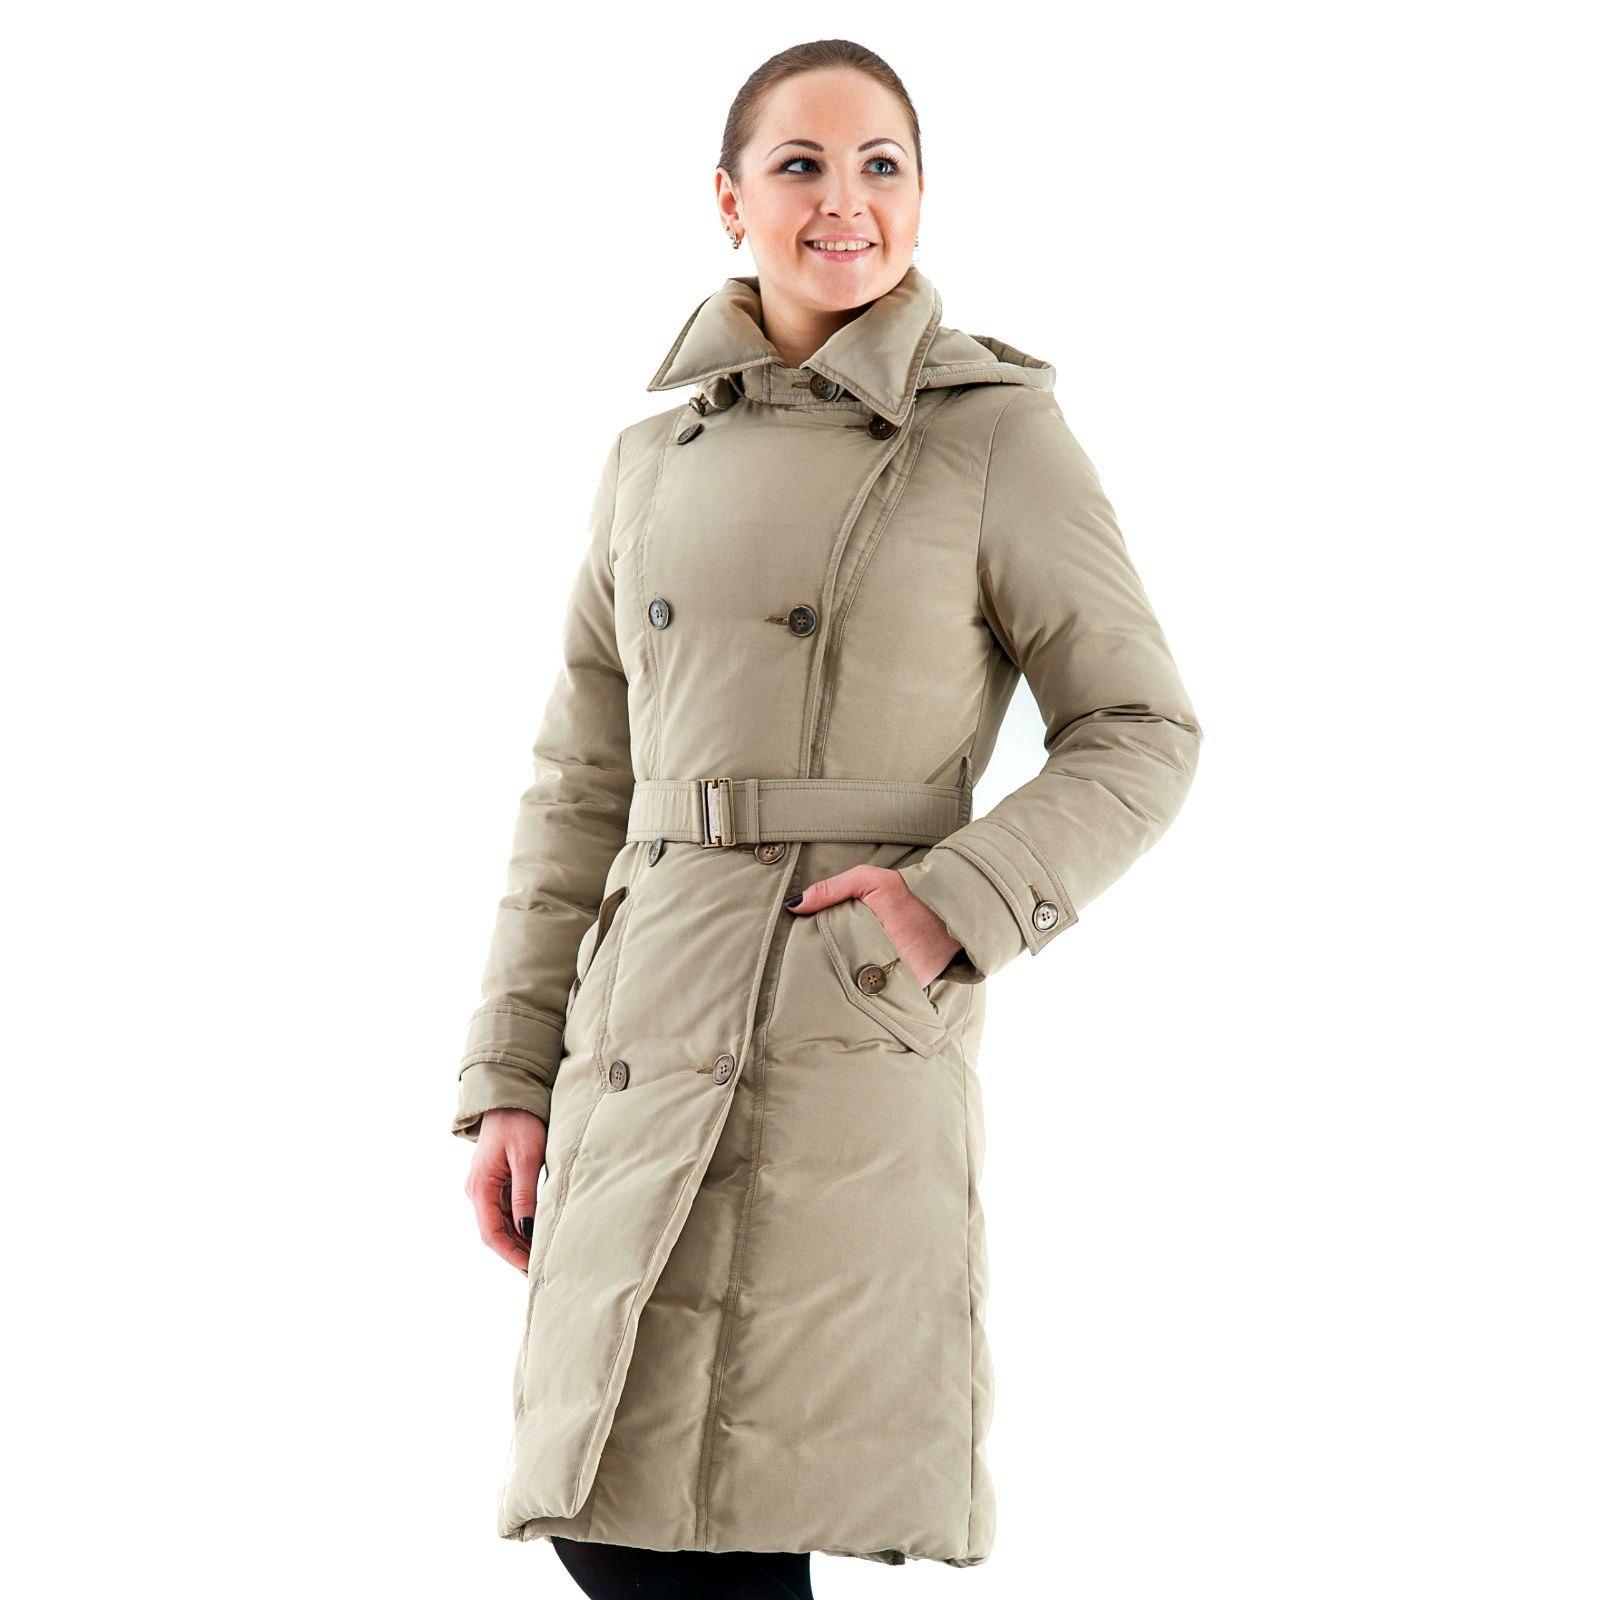 022edd621bb Купить Женское демисезонное пальто Classic (Классик) по выгодной ...